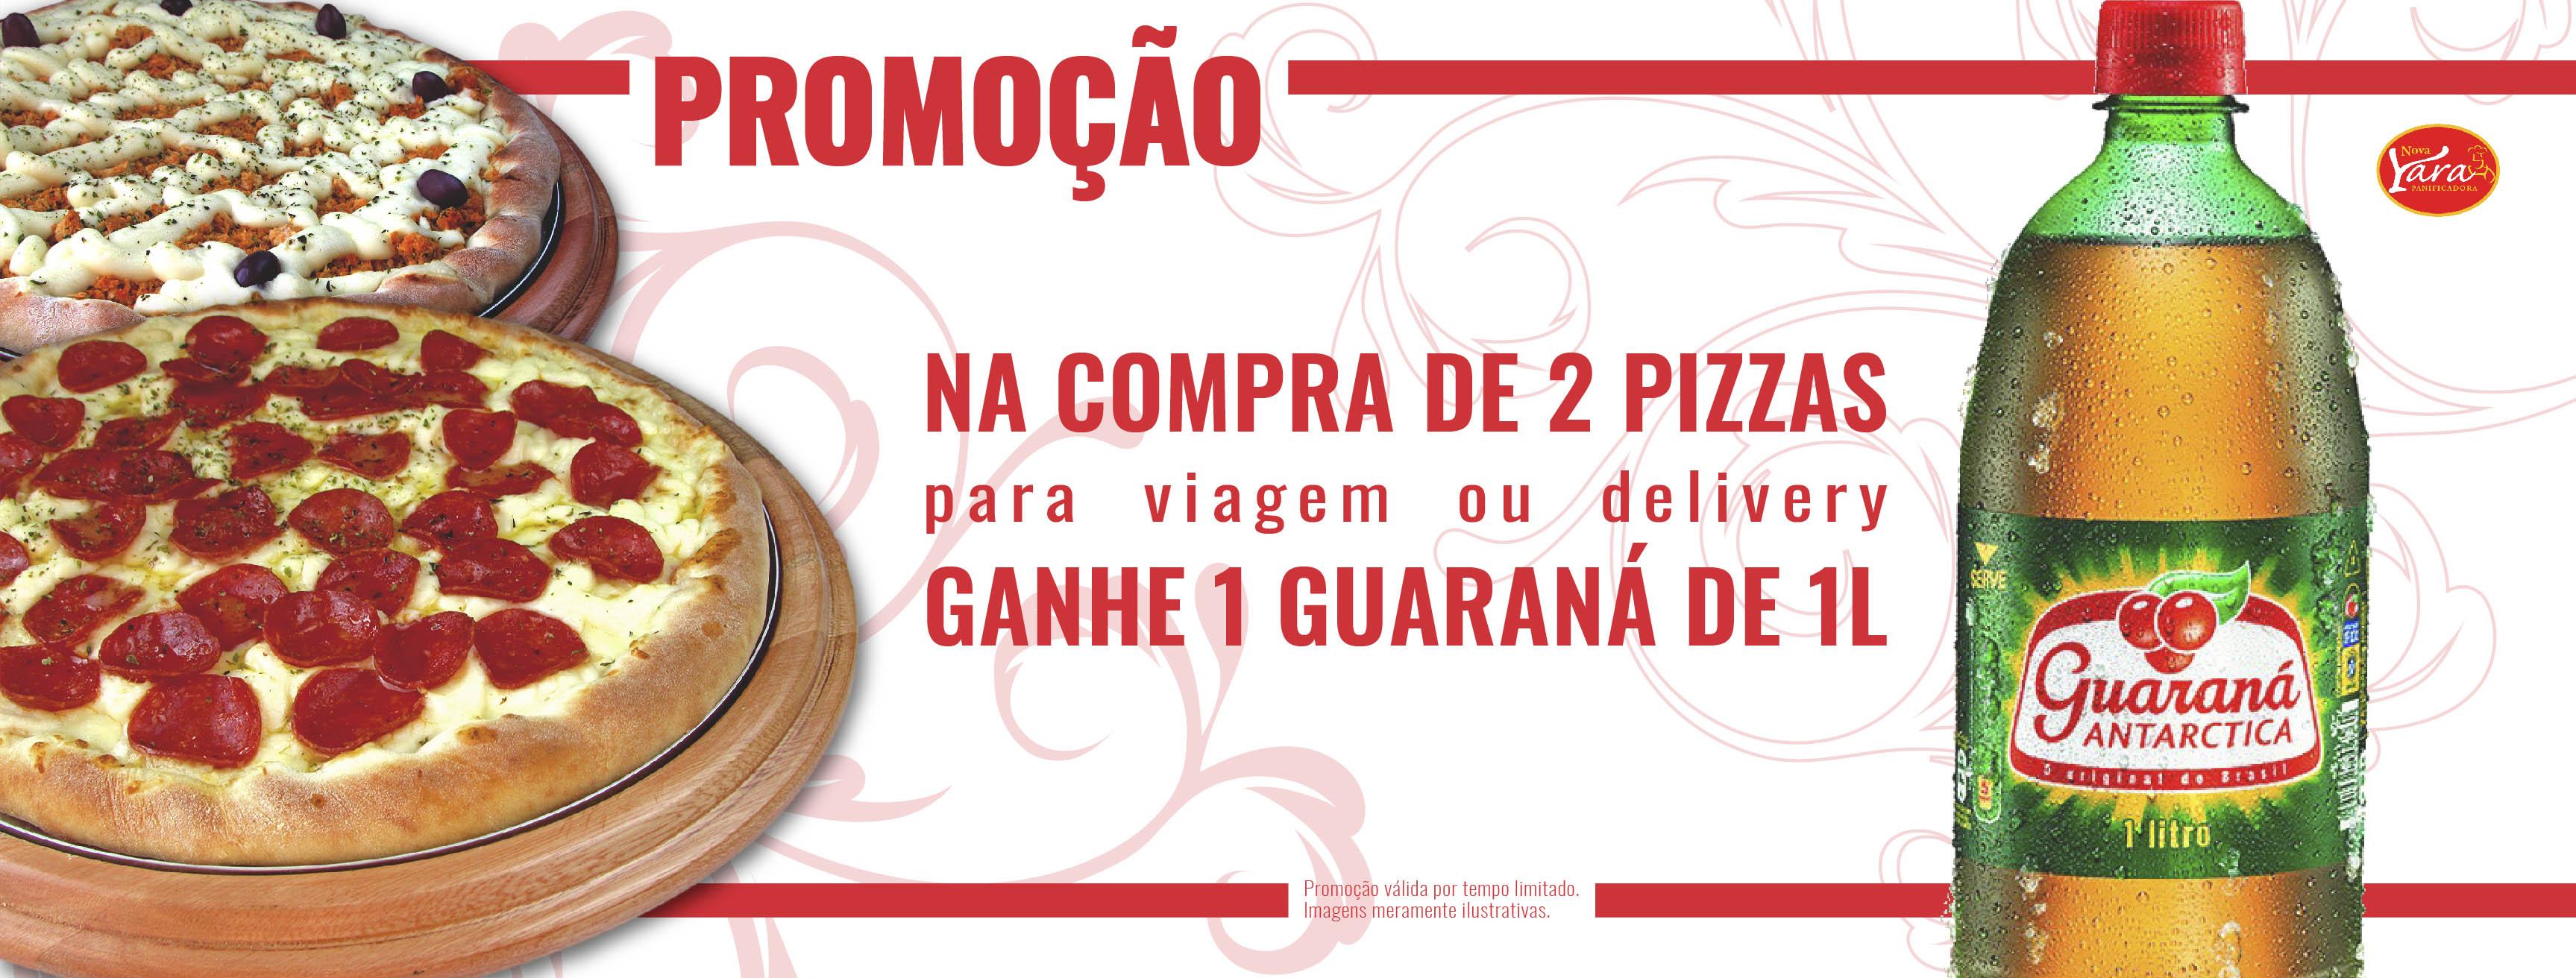 promo-pizza-19-smol